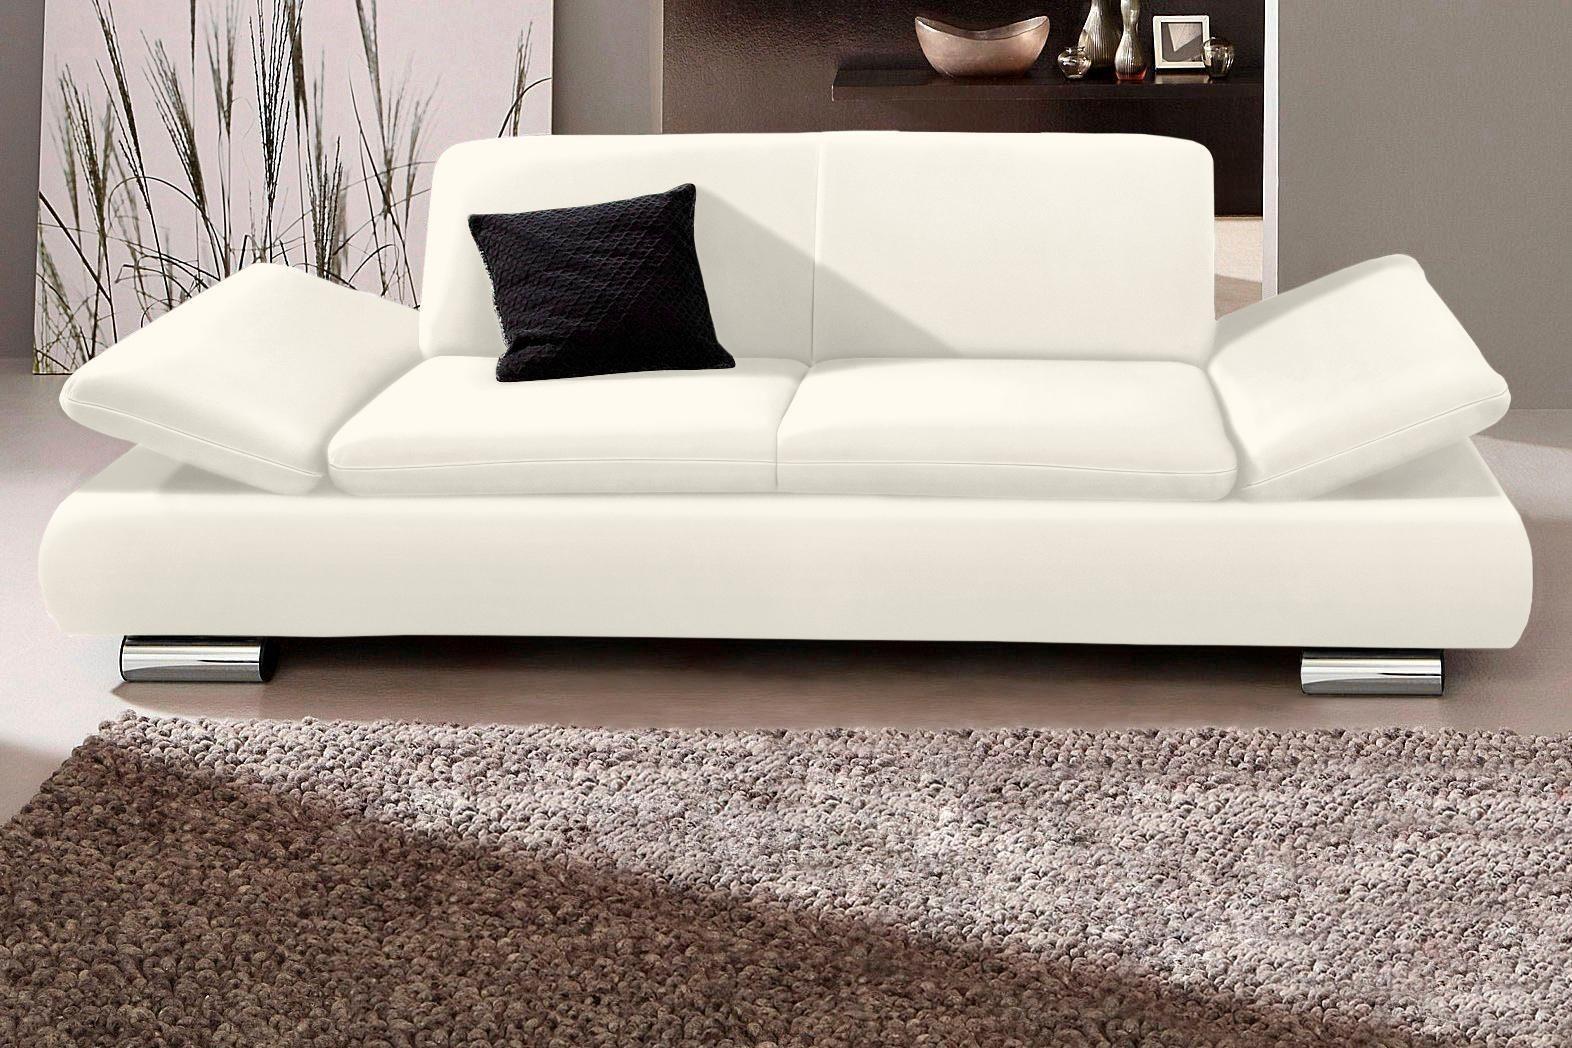 Blickfang Breites Sofa Das Beste Von Max Winzer® 2-sitzer »e« Mit Klsuperbbaren Armlehnen,